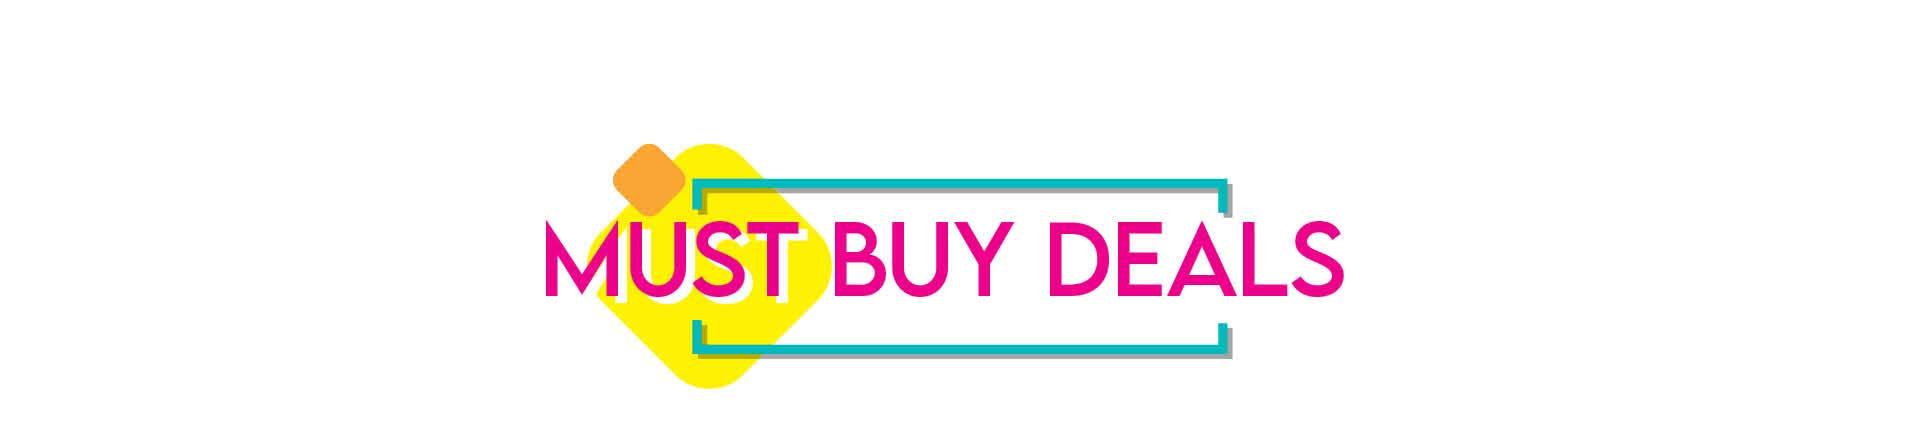 Must Buy Deals